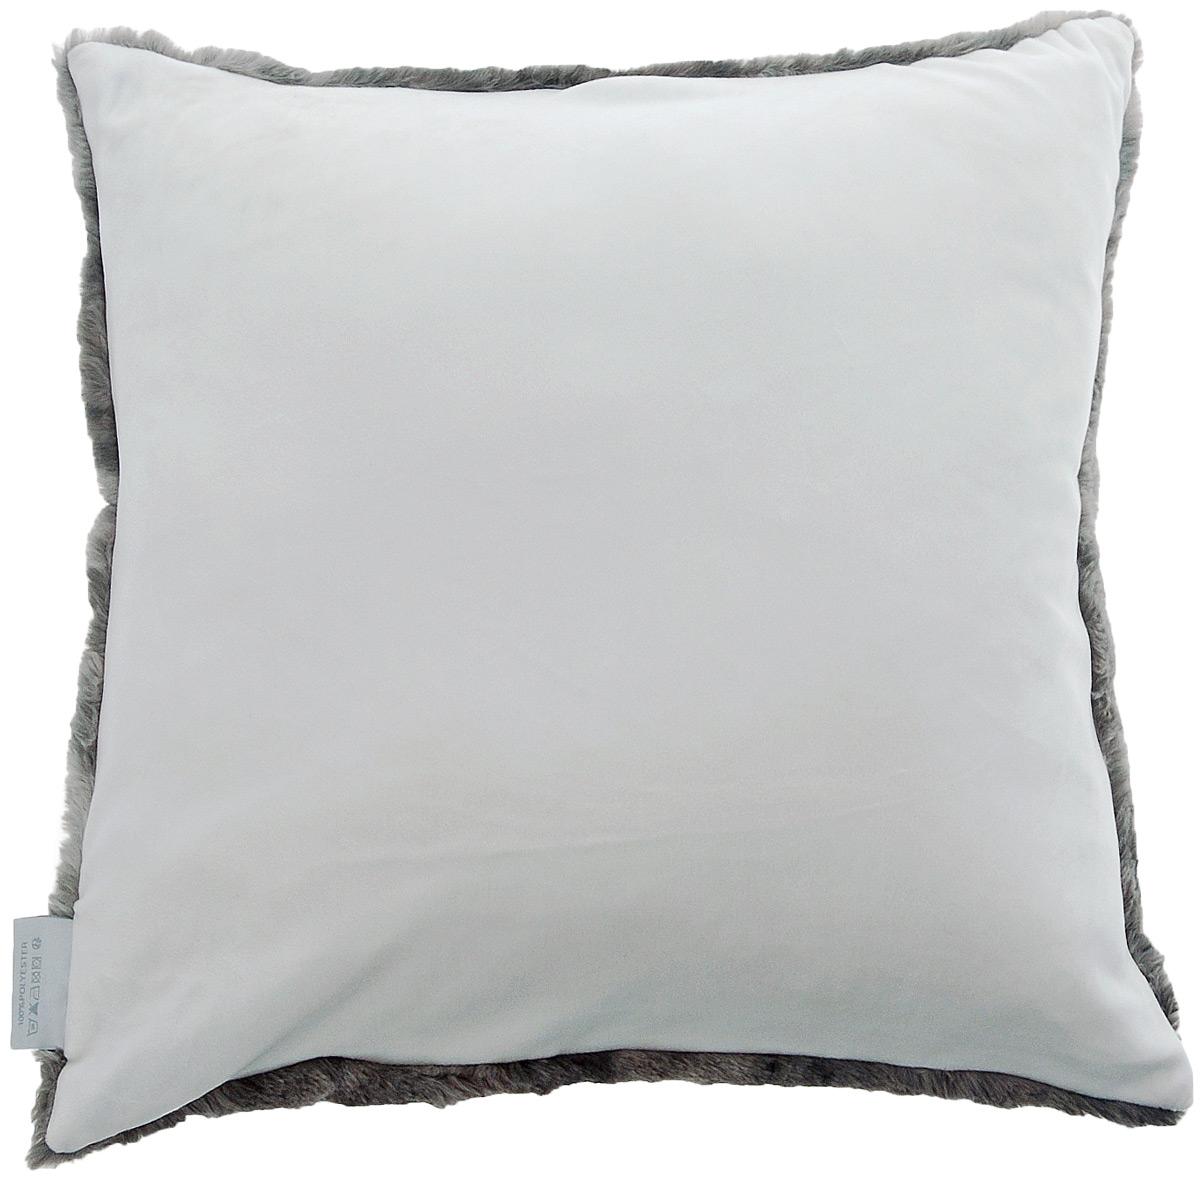 coussin duo avec effet fourrure de vison blanc cass glacier galet homemaison vente. Black Bedroom Furniture Sets. Home Design Ideas